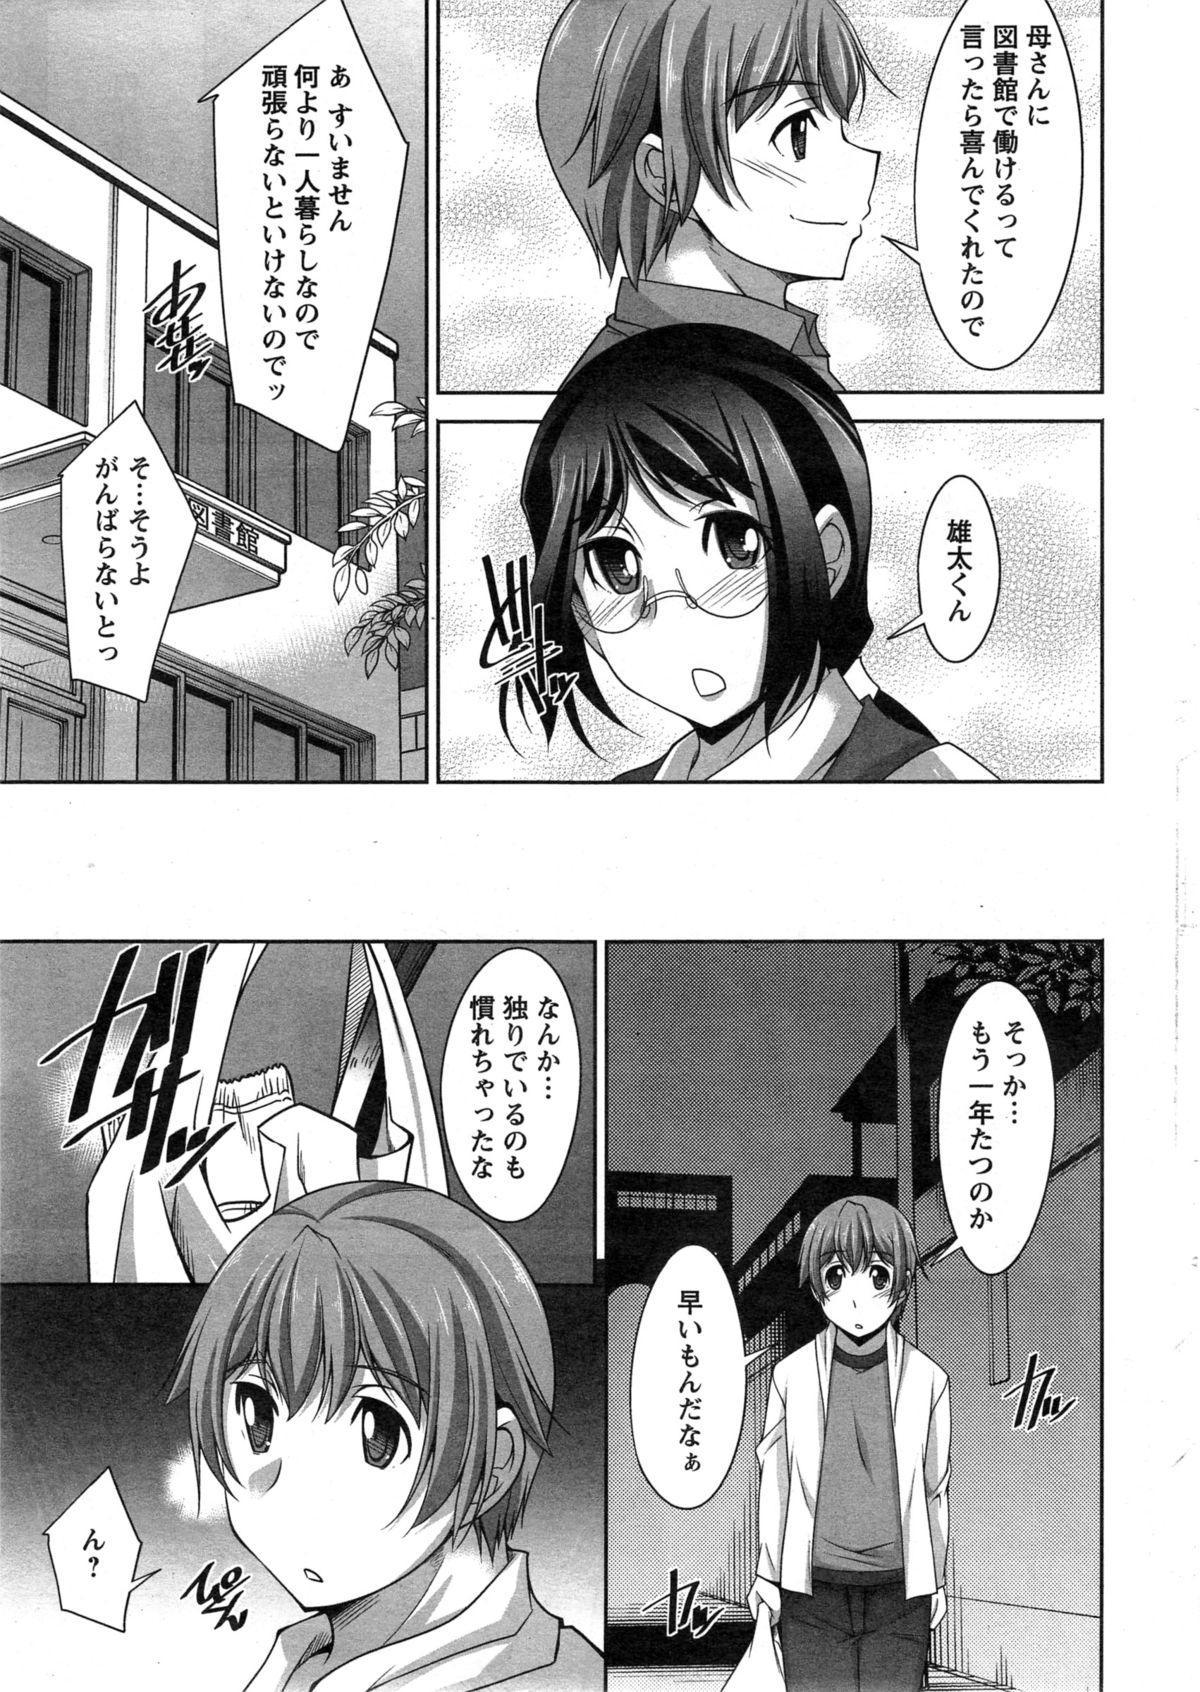 Anekano Ch. 1-2 8